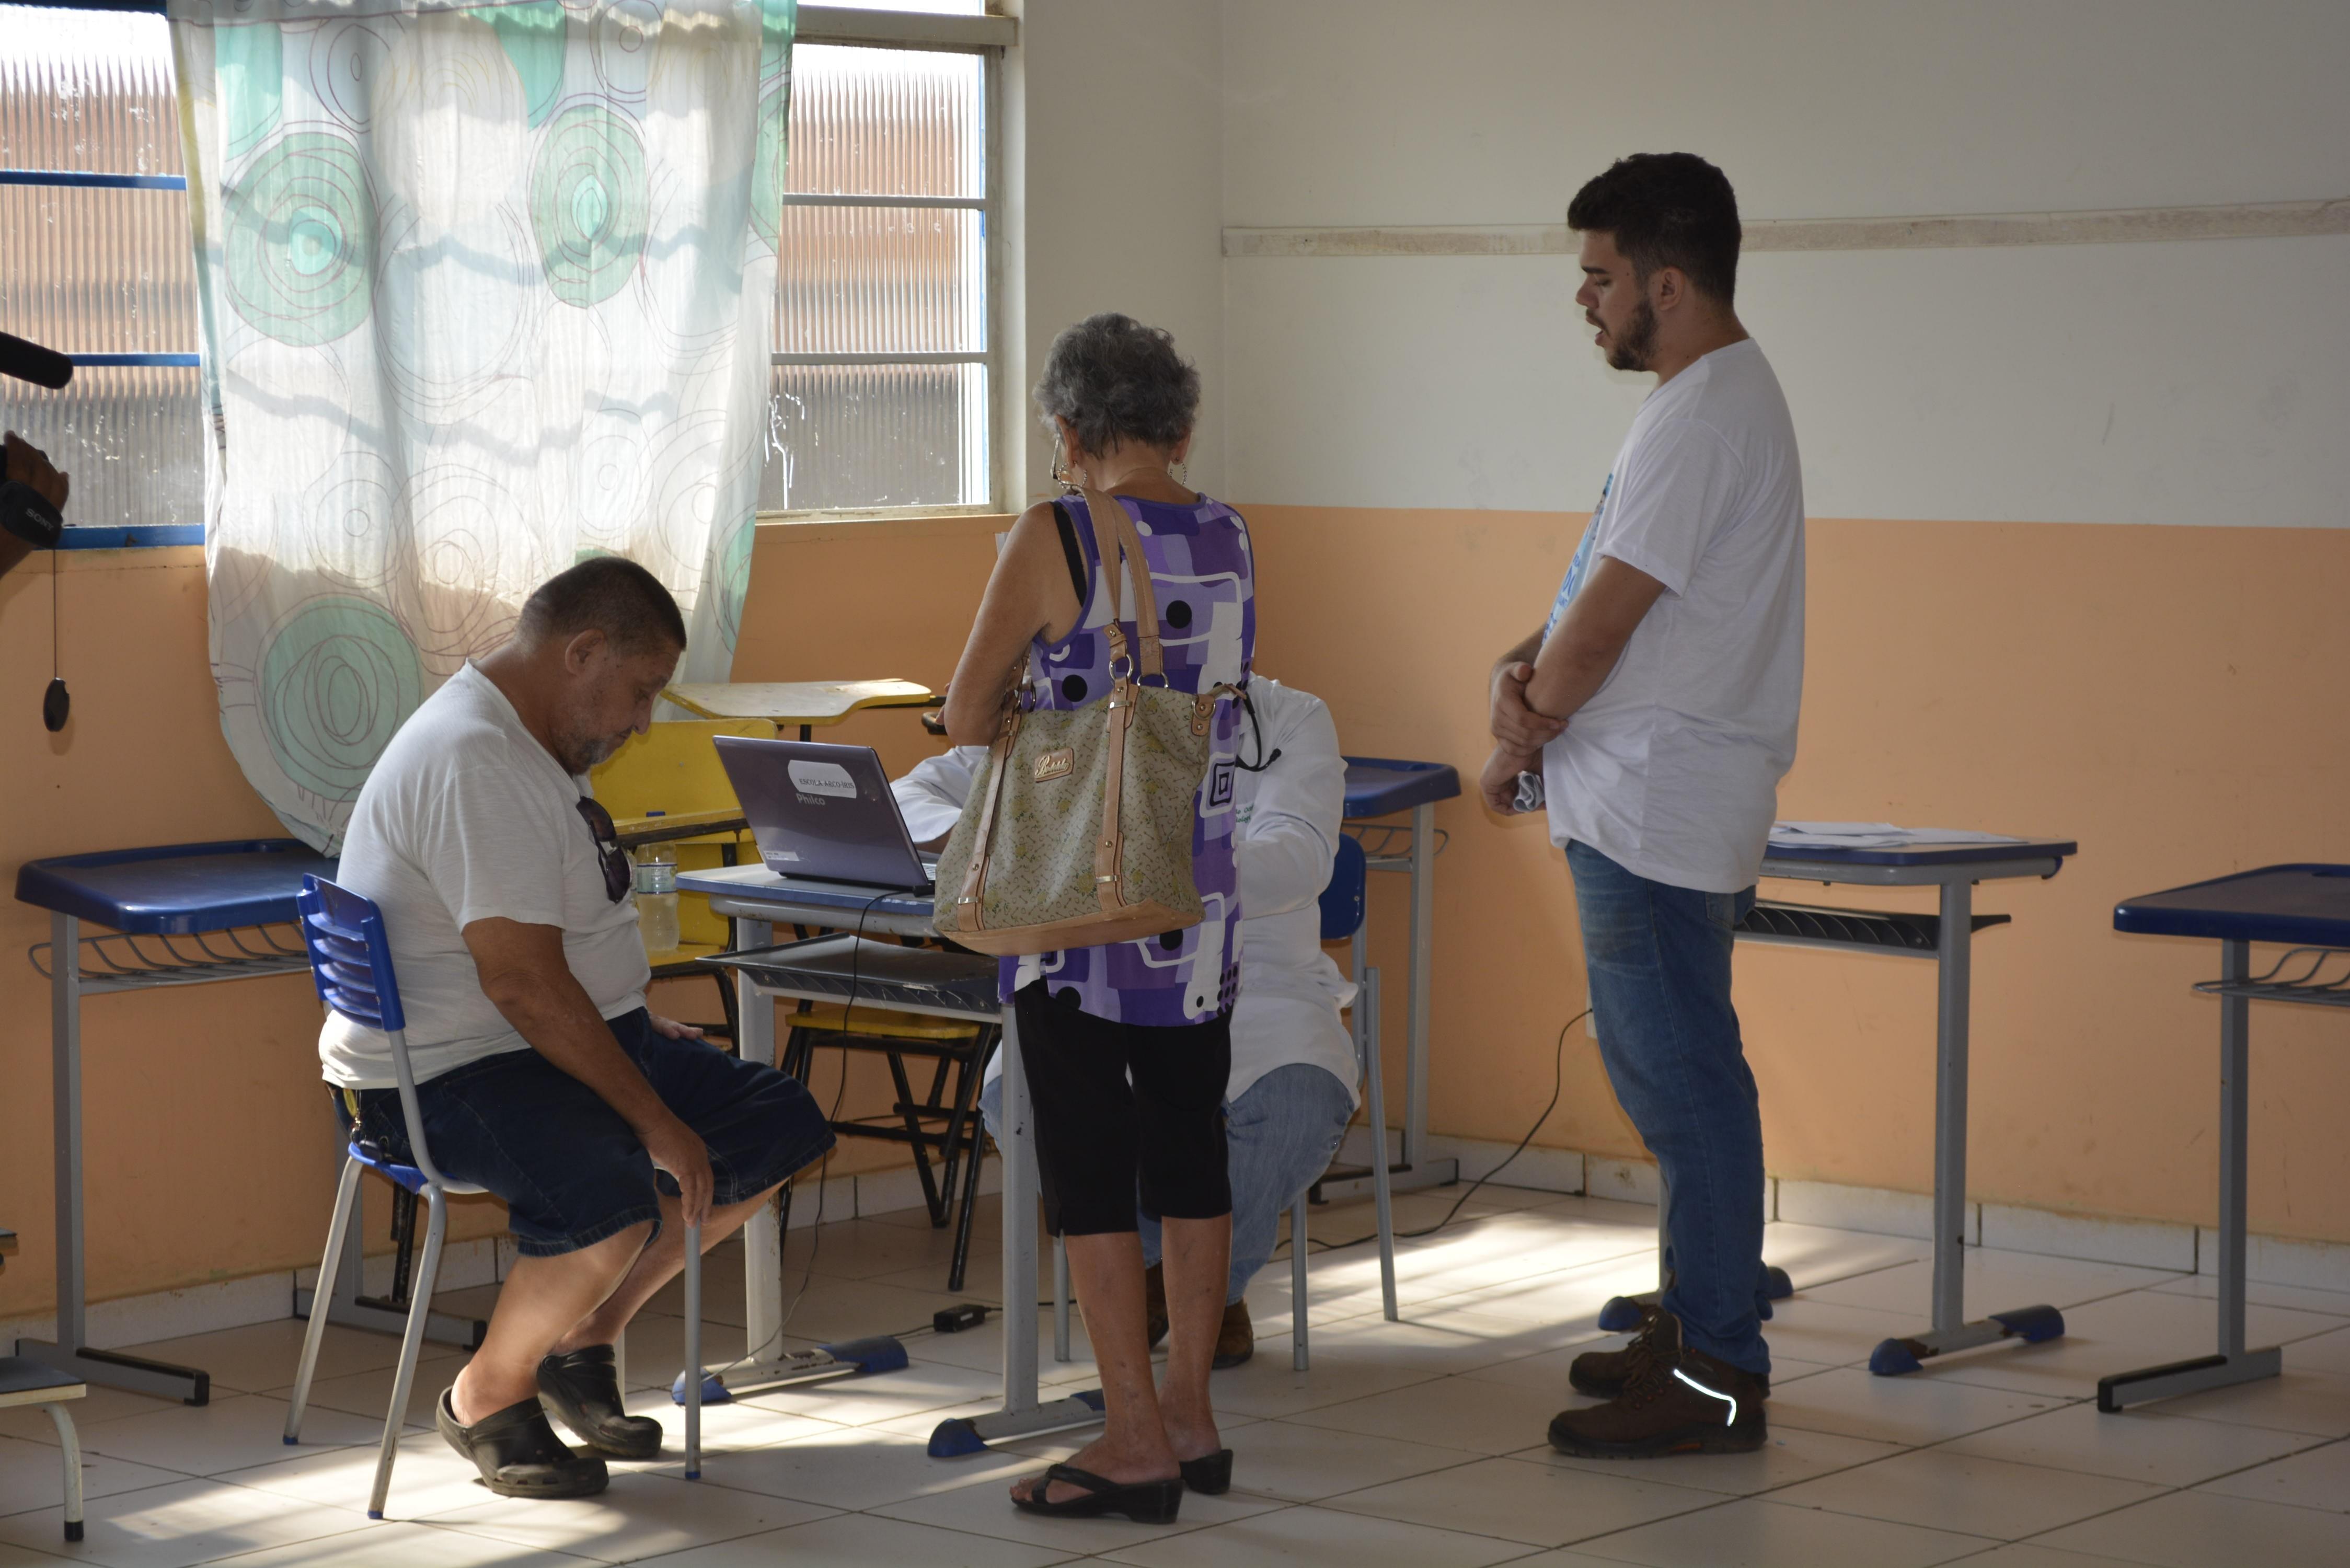 POC itinerante realizará mais de 1,8 mil atendimentos médicos em Ariquemes, RO